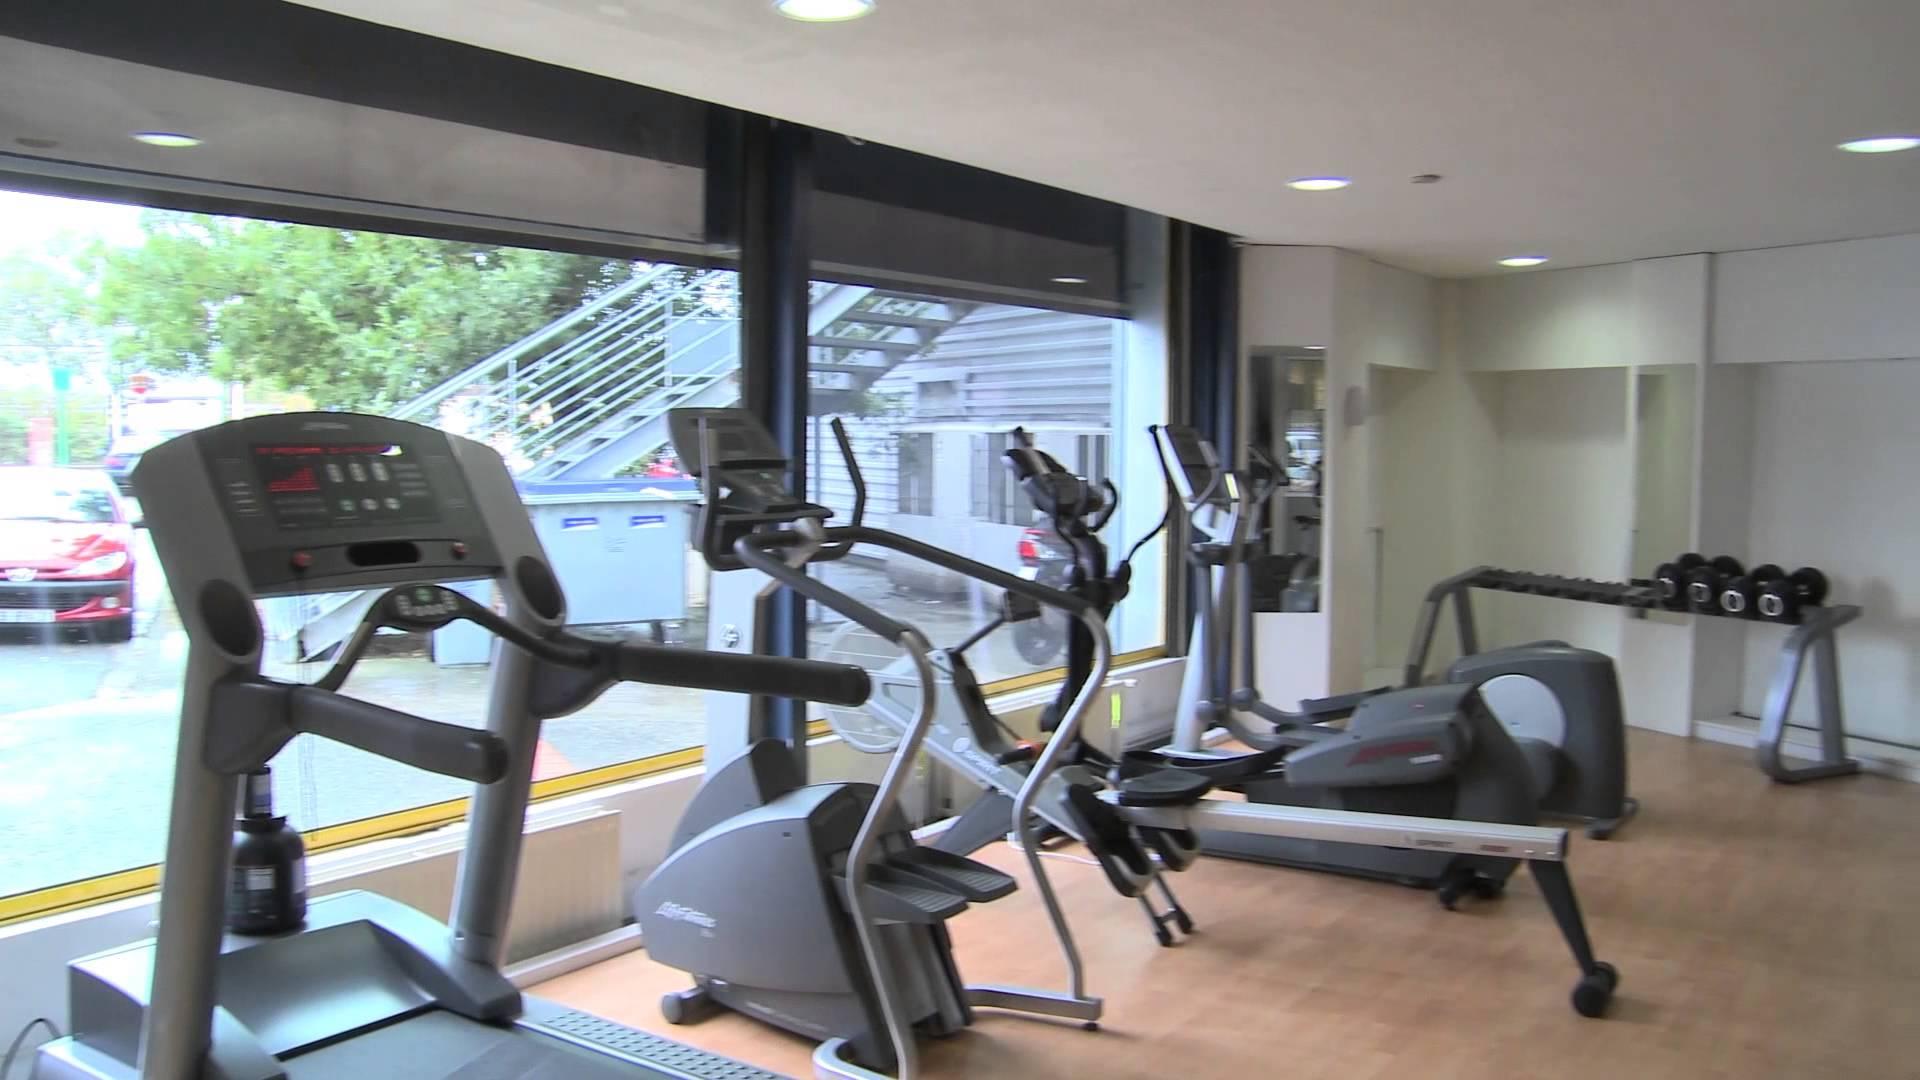 Appareil de fitness professionnel muscu maison - Banc de musculation complet professionnel ...